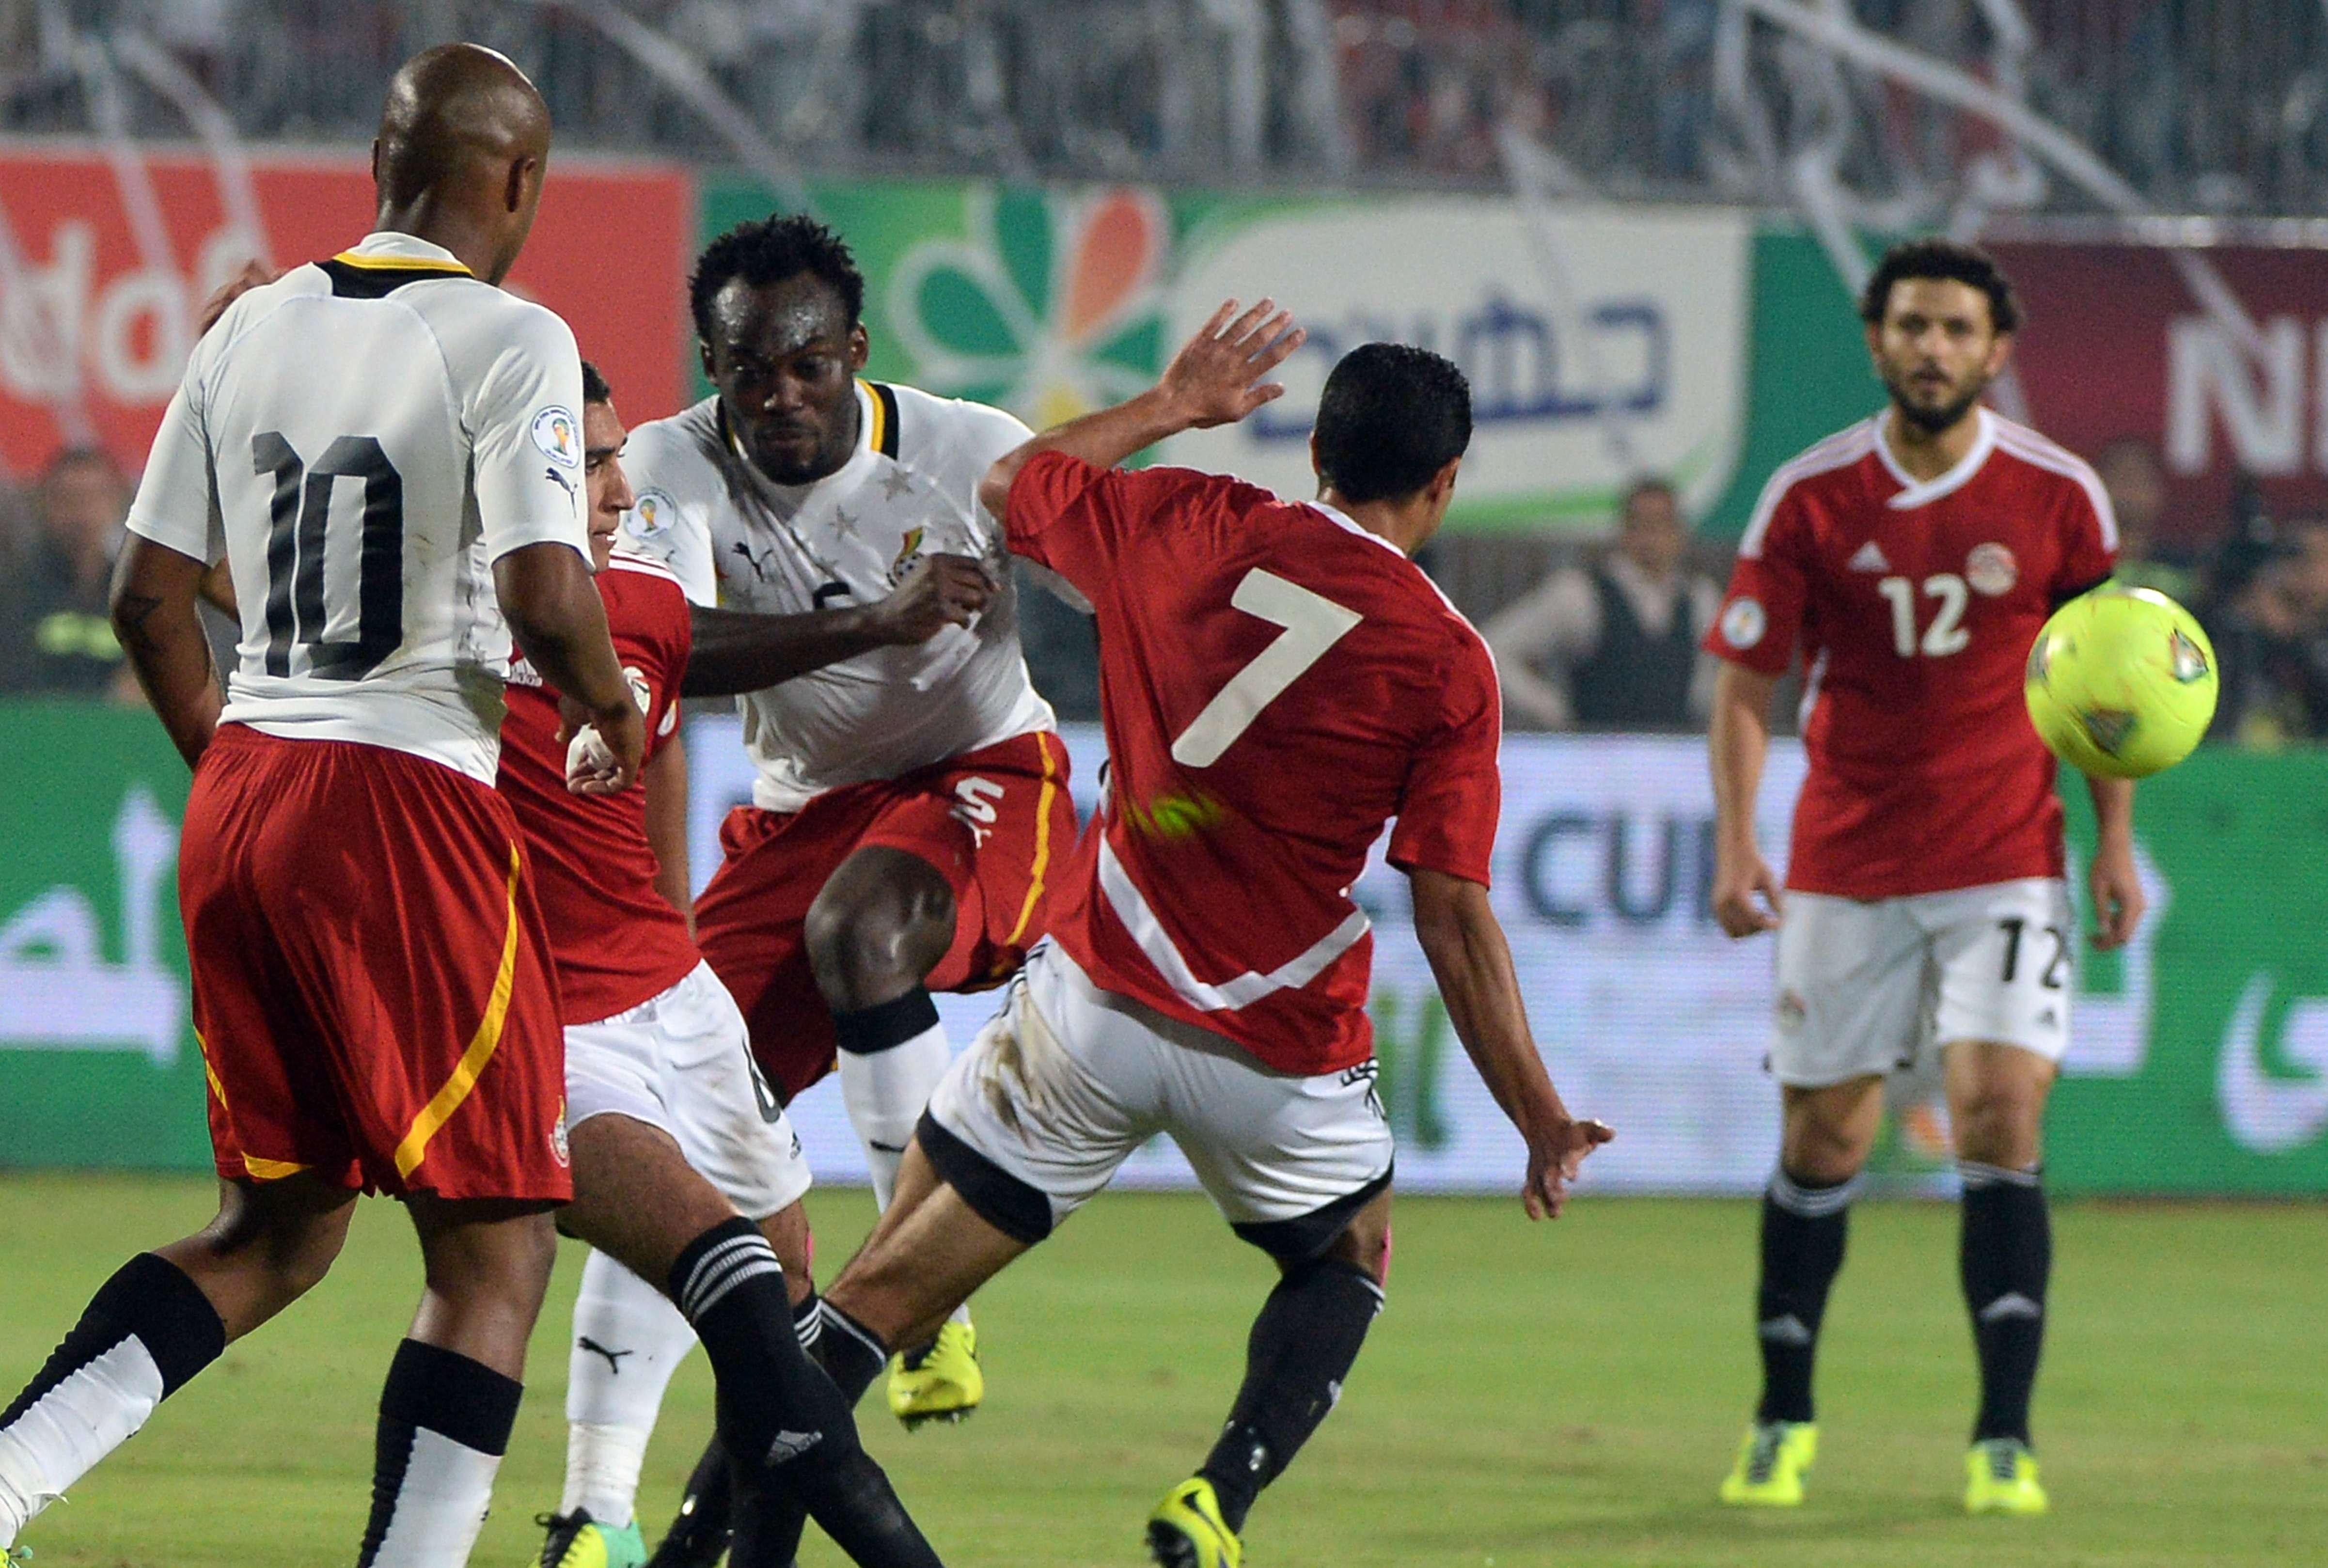 Gana segura vantagem contra Egito e garante vaga na Copa...